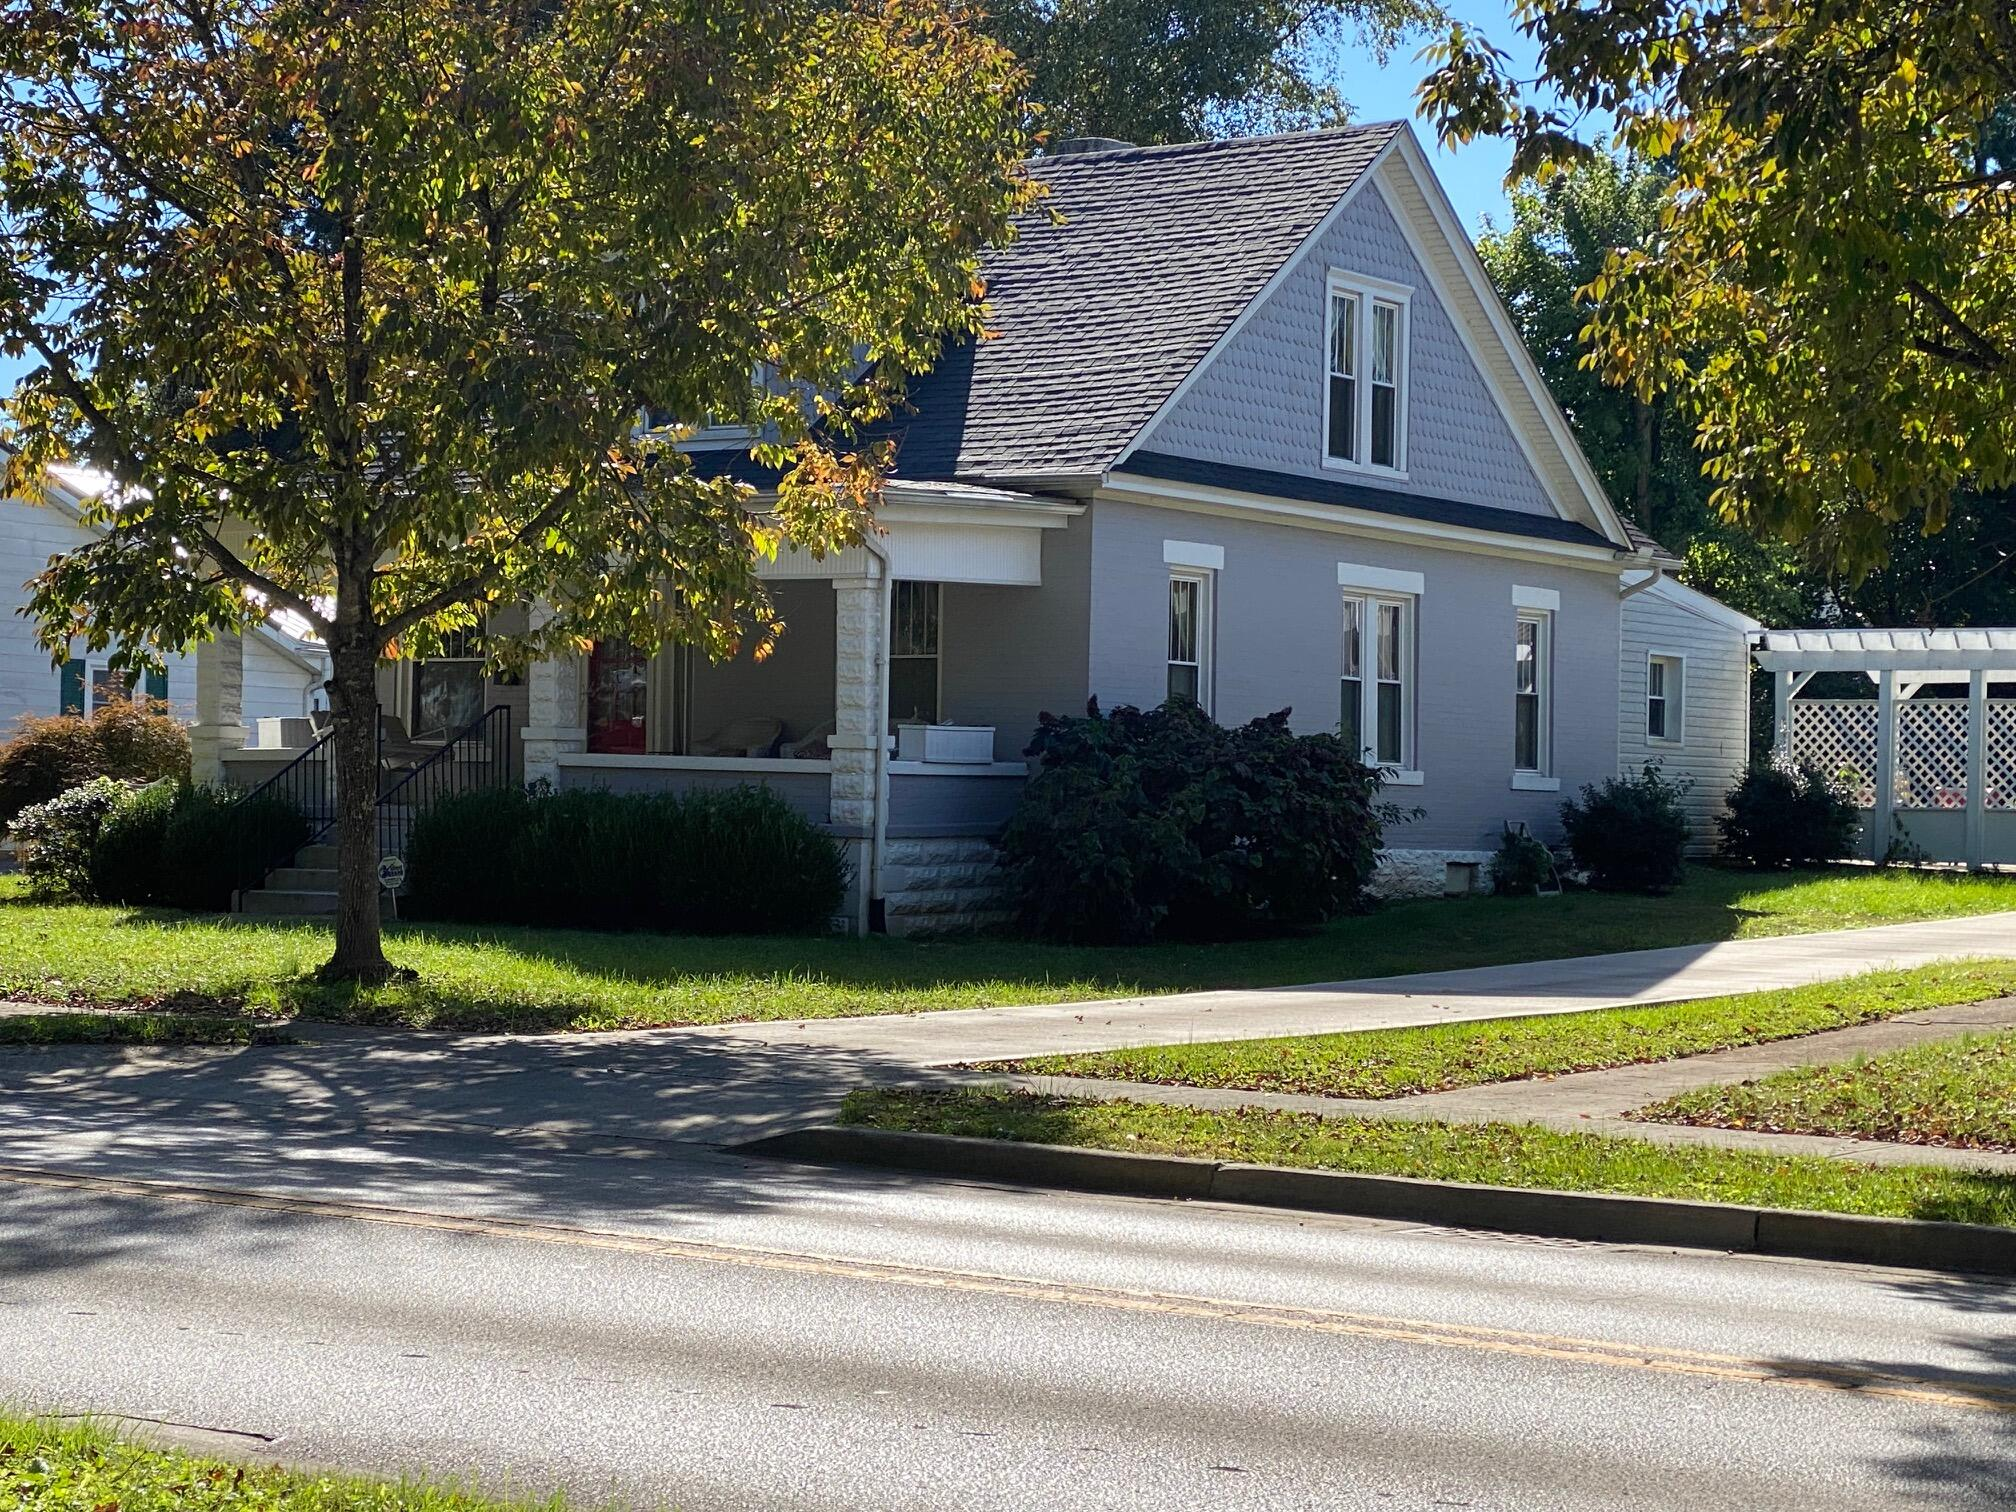 408 College Street, Somerset, Kentucky 42501, 4 Bedrooms Bedrooms, ,2 BathroomsBathrooms,Residential,For Sale,College,20122965